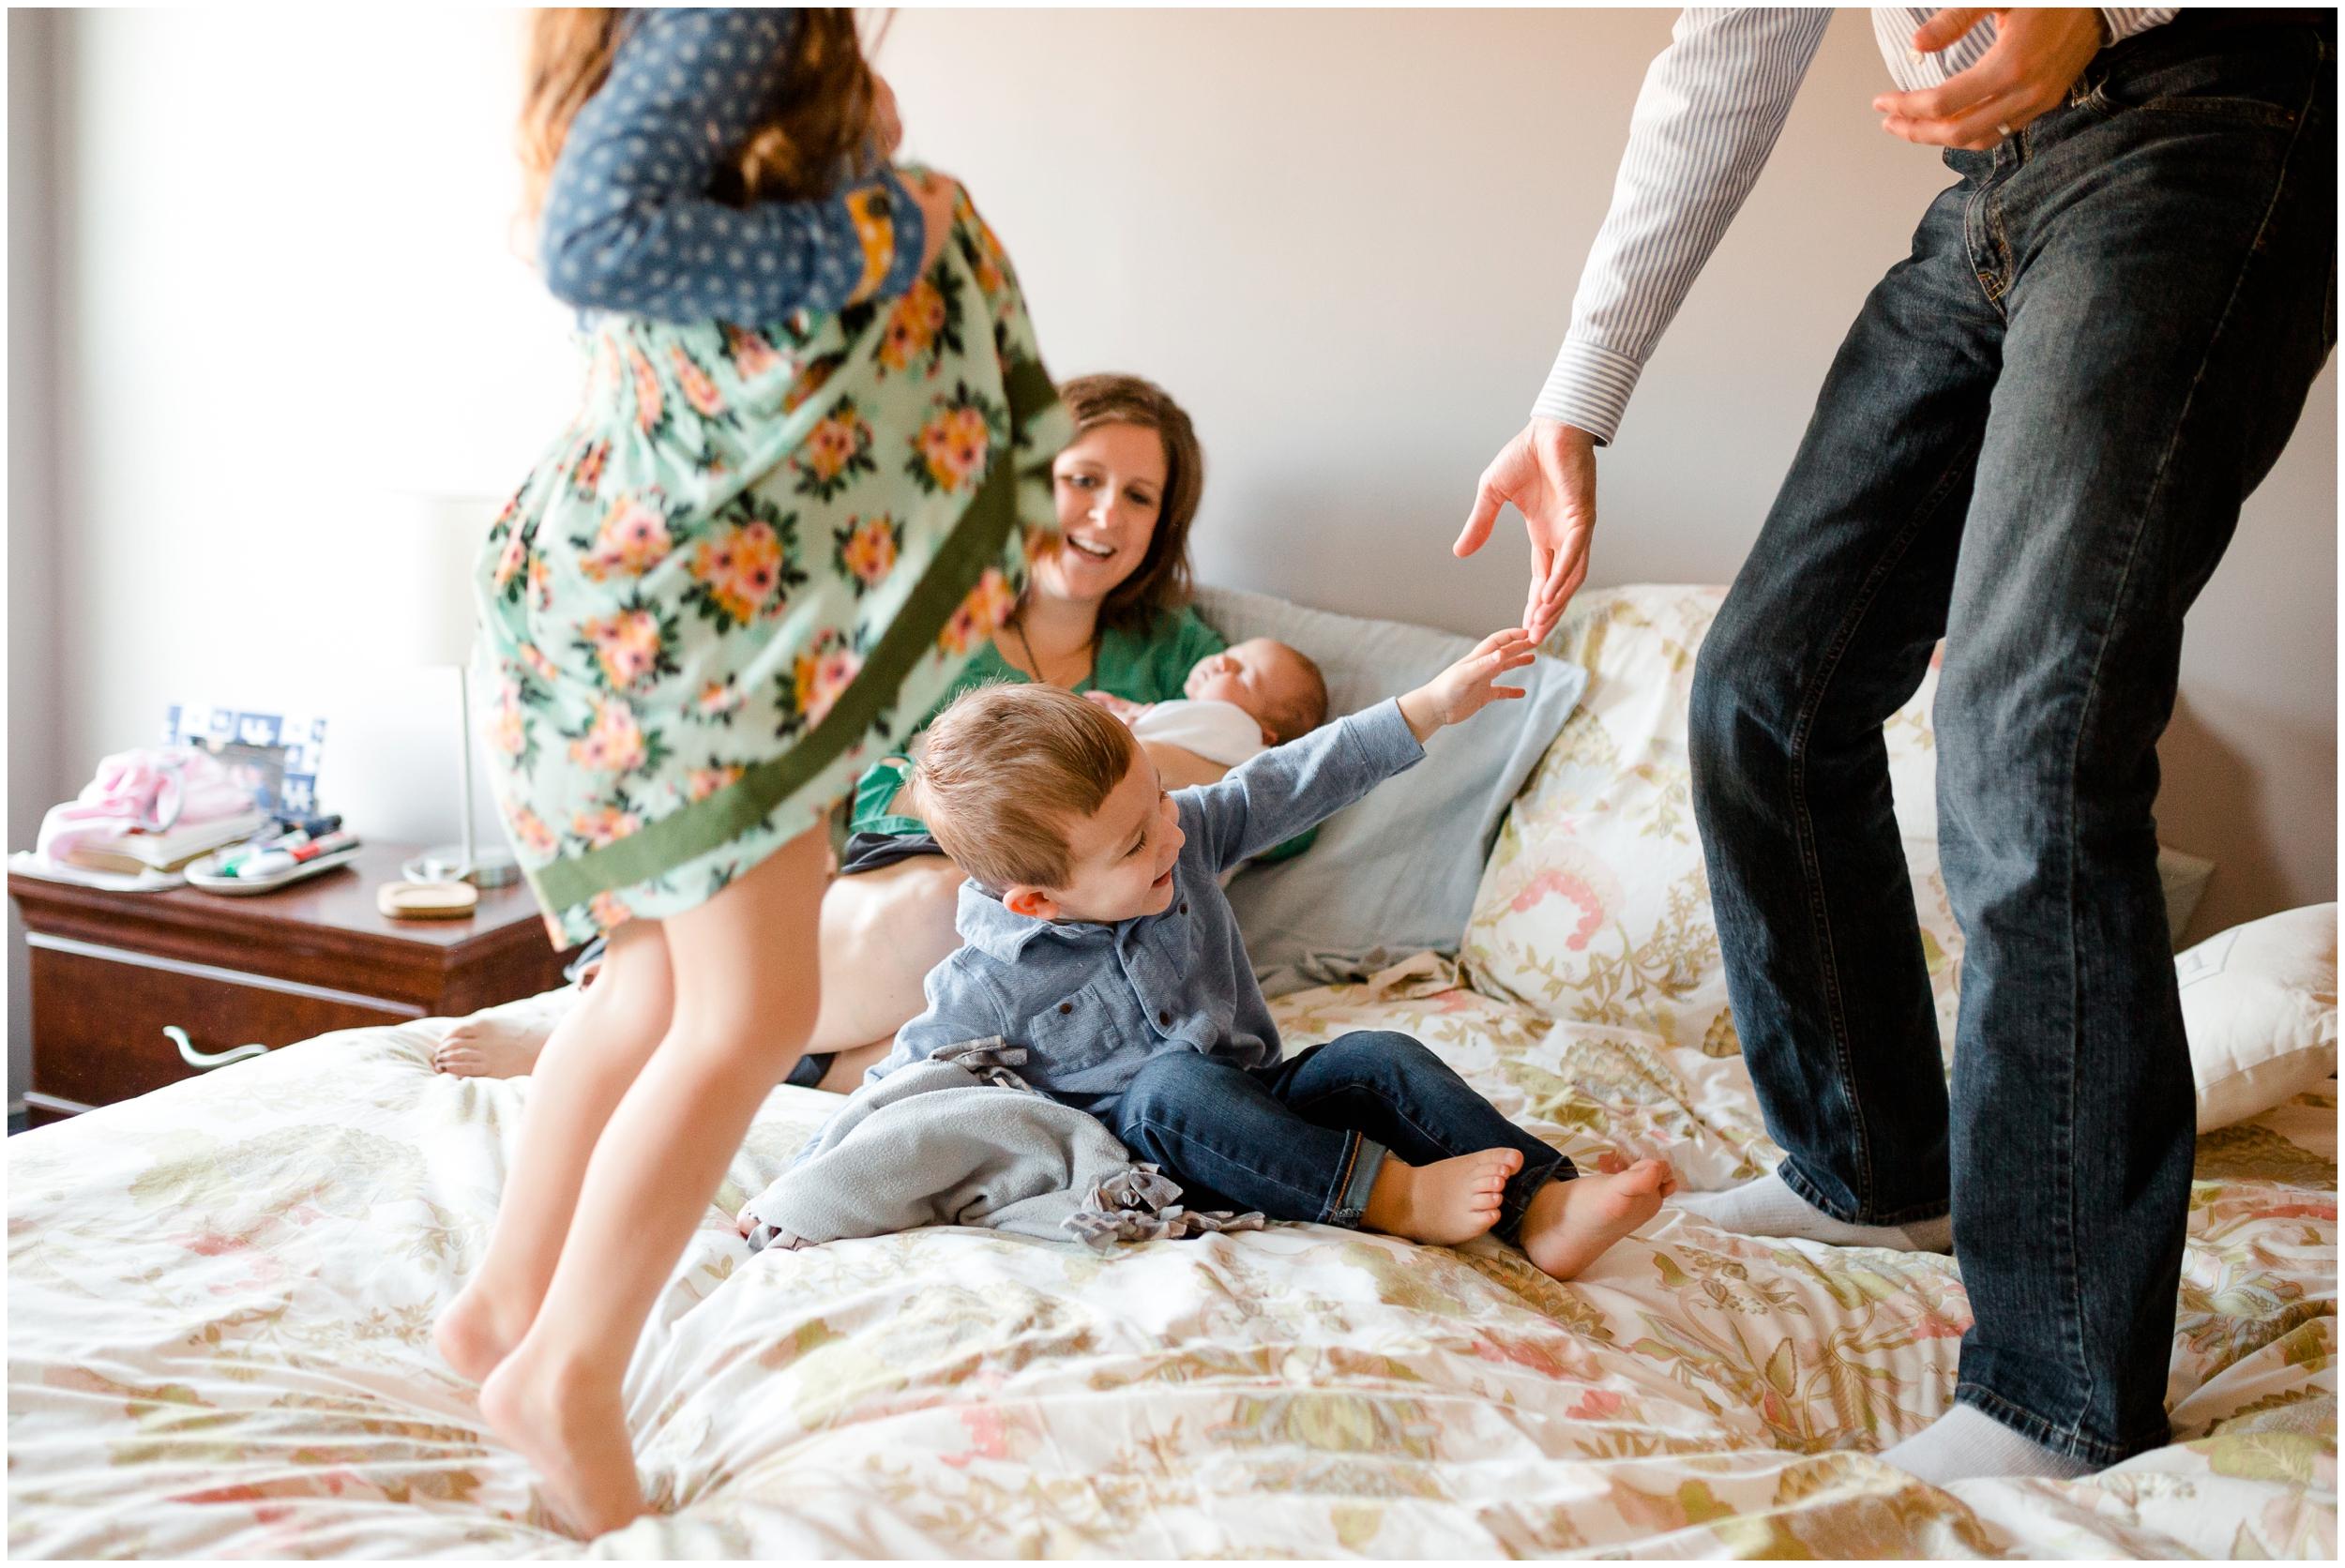 lexington-ky-family-lifestyle-photography-Priscilla-Baierlein-Photography_0222.jpg